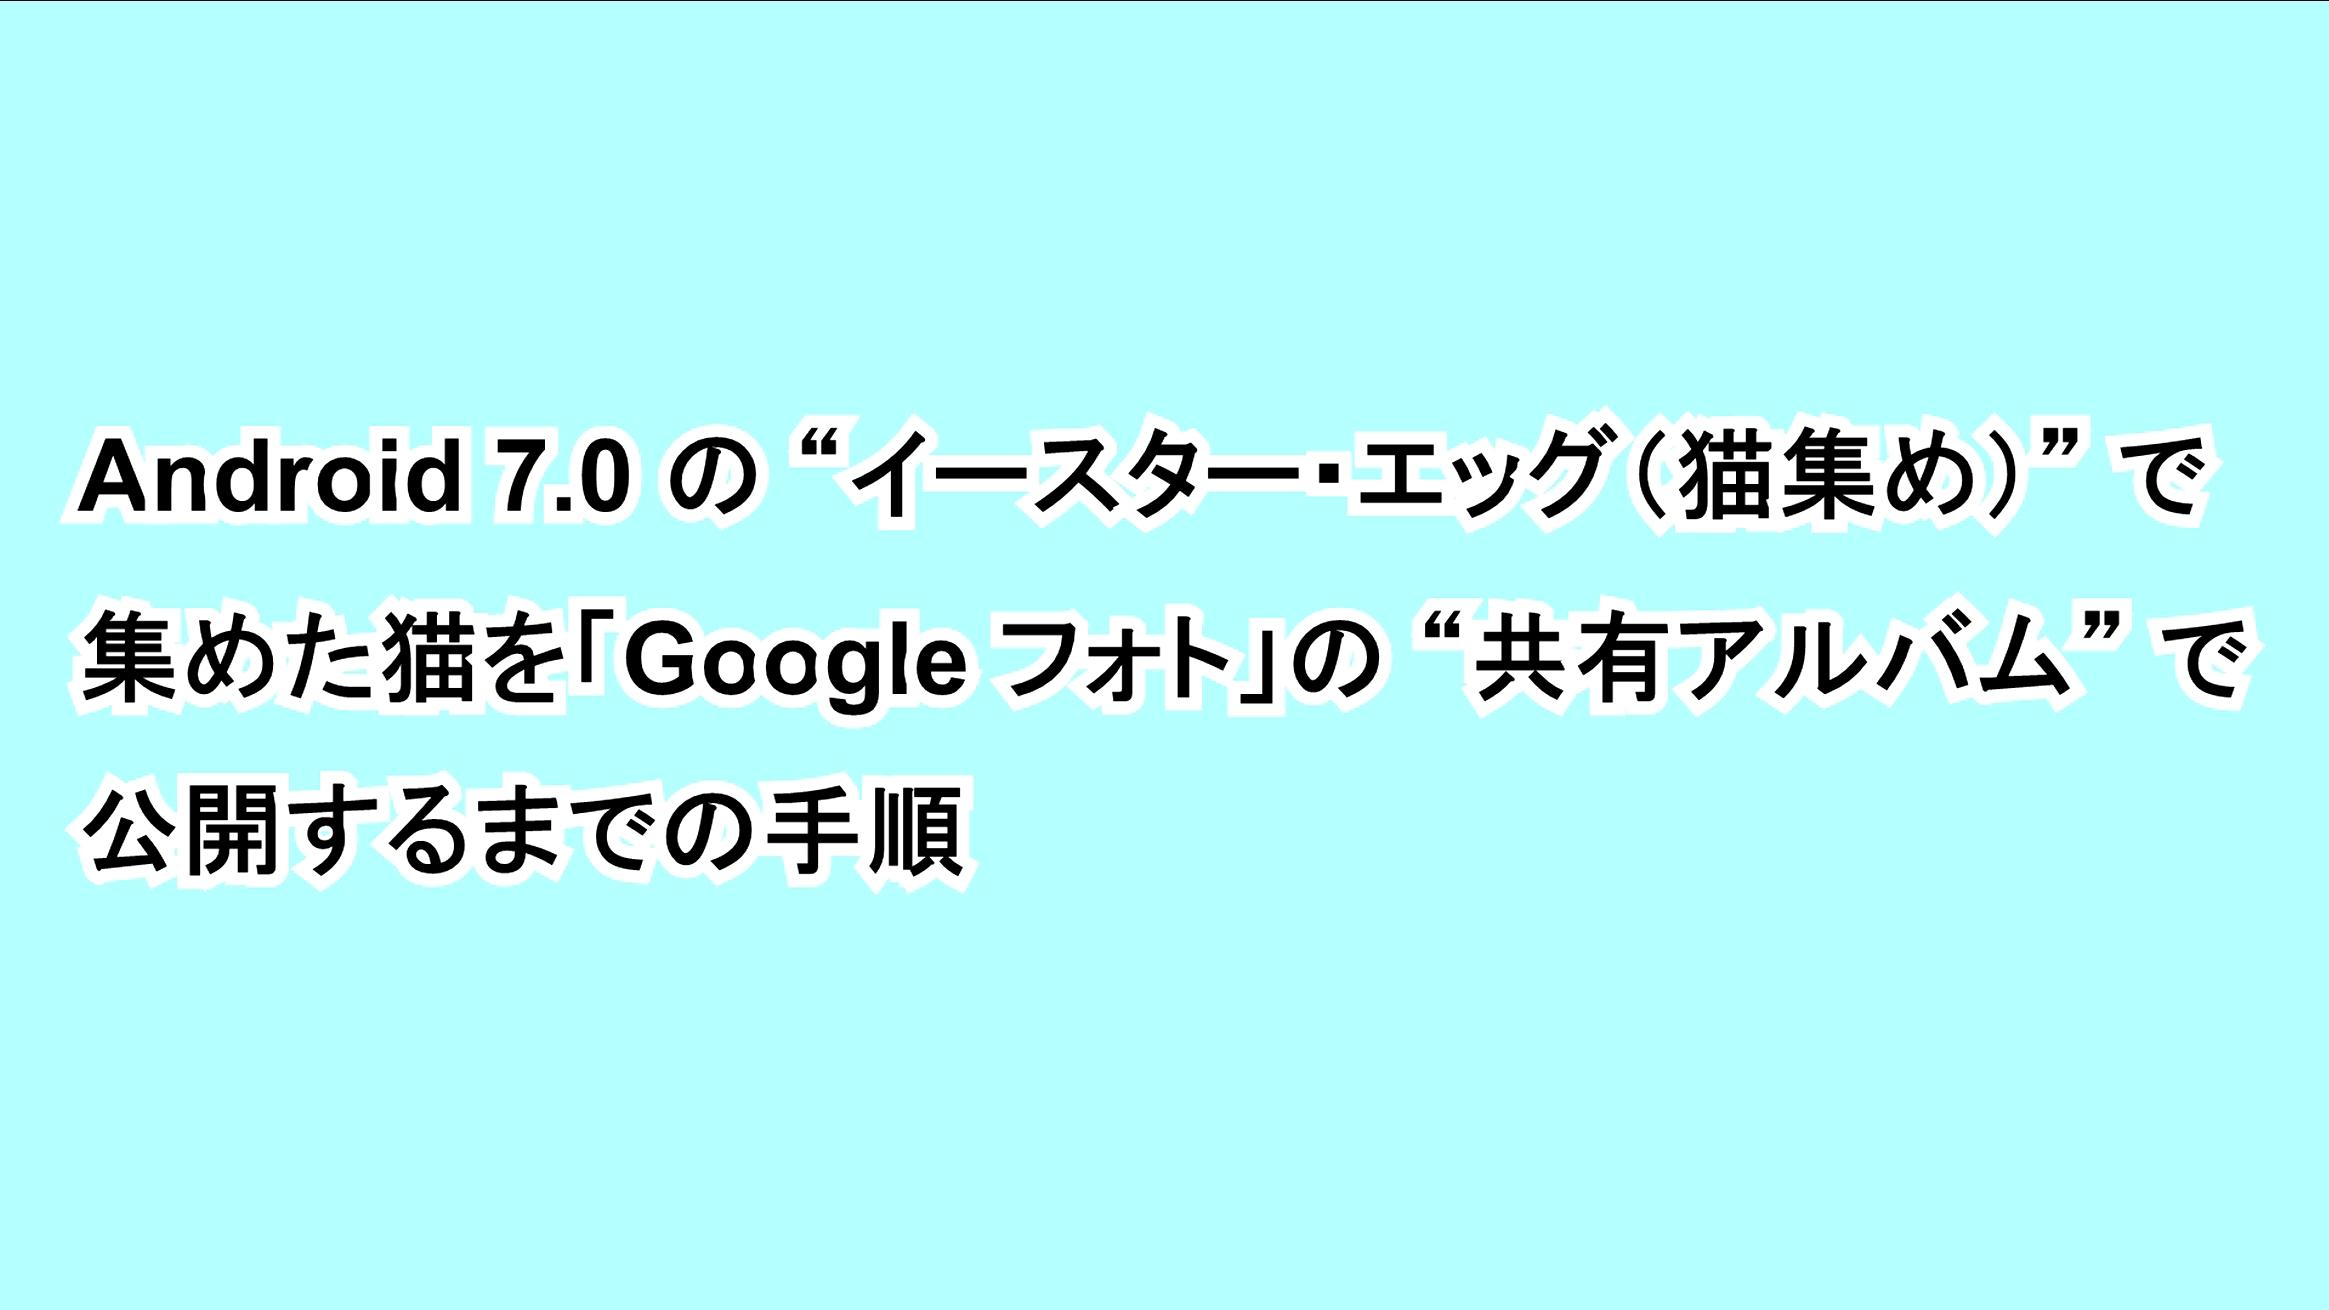 """Android 7.0の""""イースター・エッグ(猫集め)""""で集めた猫を「Google フォト」の""""共有アルバム""""で公開するまでの手順"""